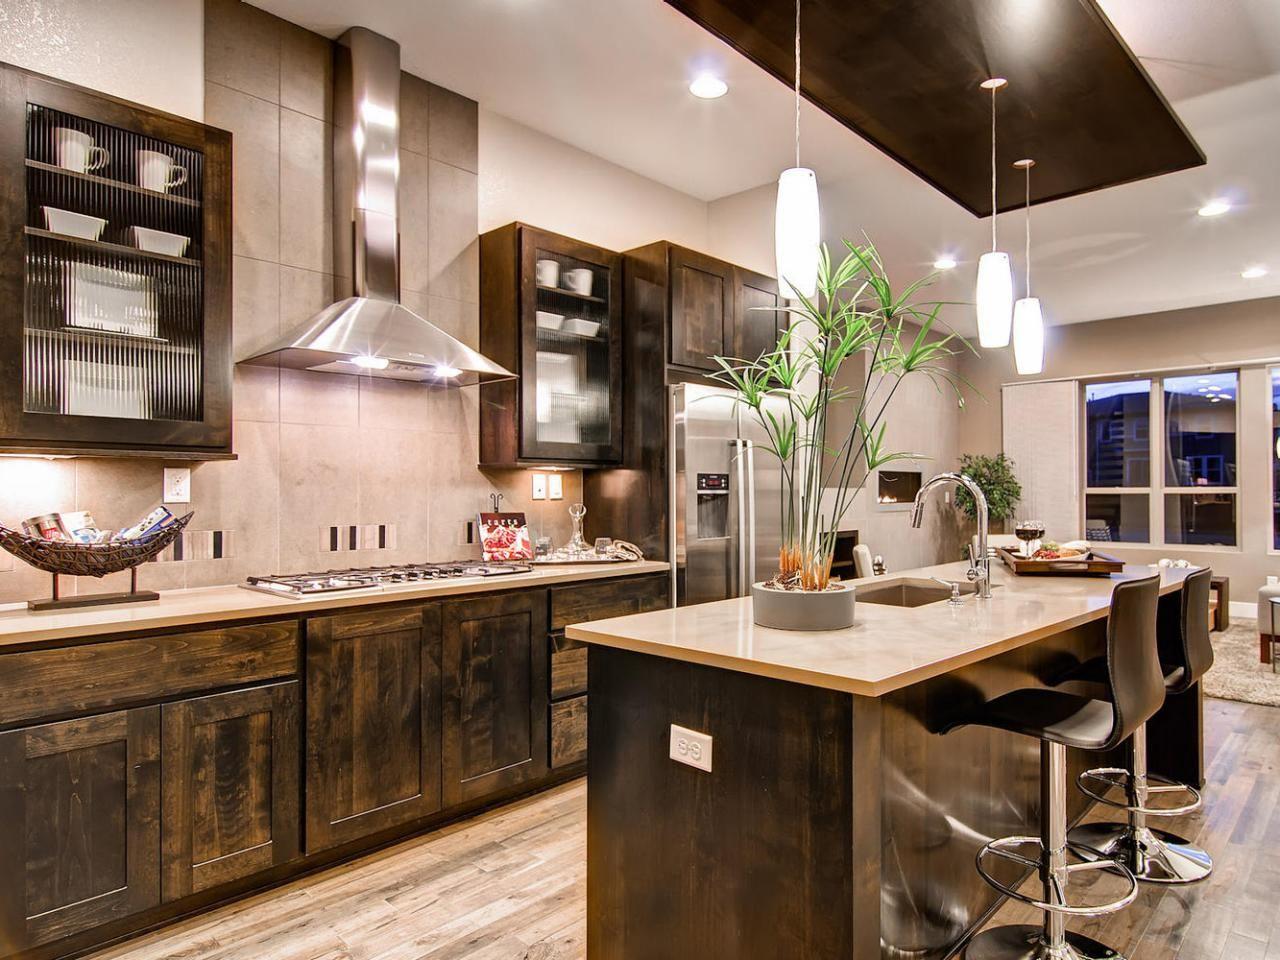 Neue stil zu hause design-bilder kitchen layout templates  different designs  kitchen designs